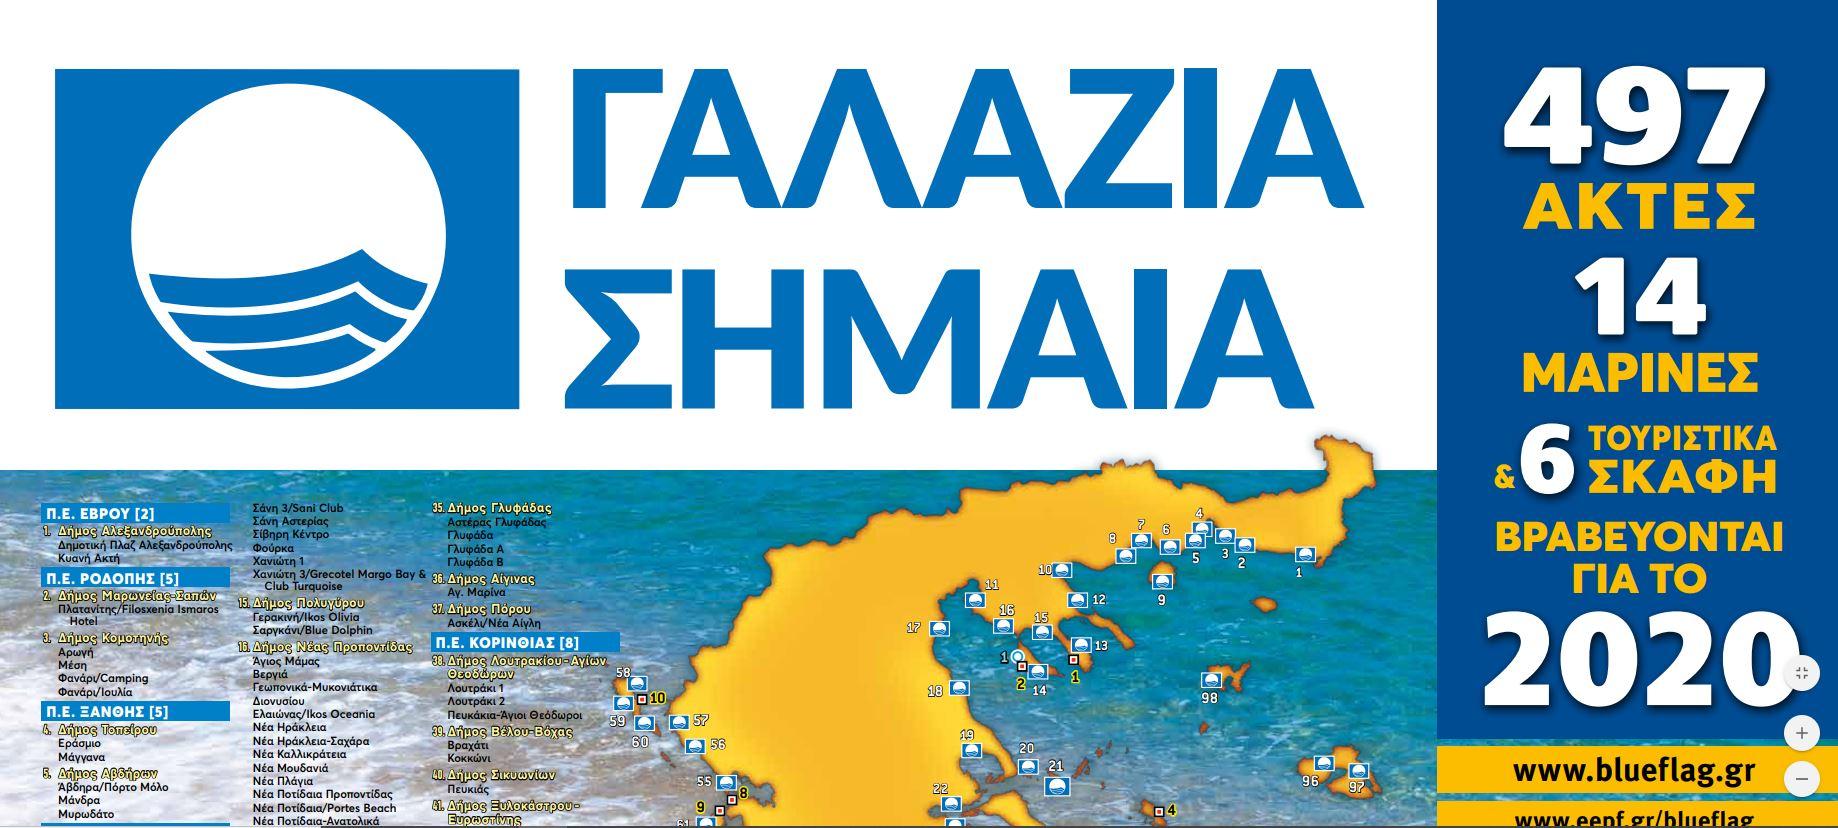 Η βράβευση με Γαλάζια Σημαία 2020 αποτελέσματα